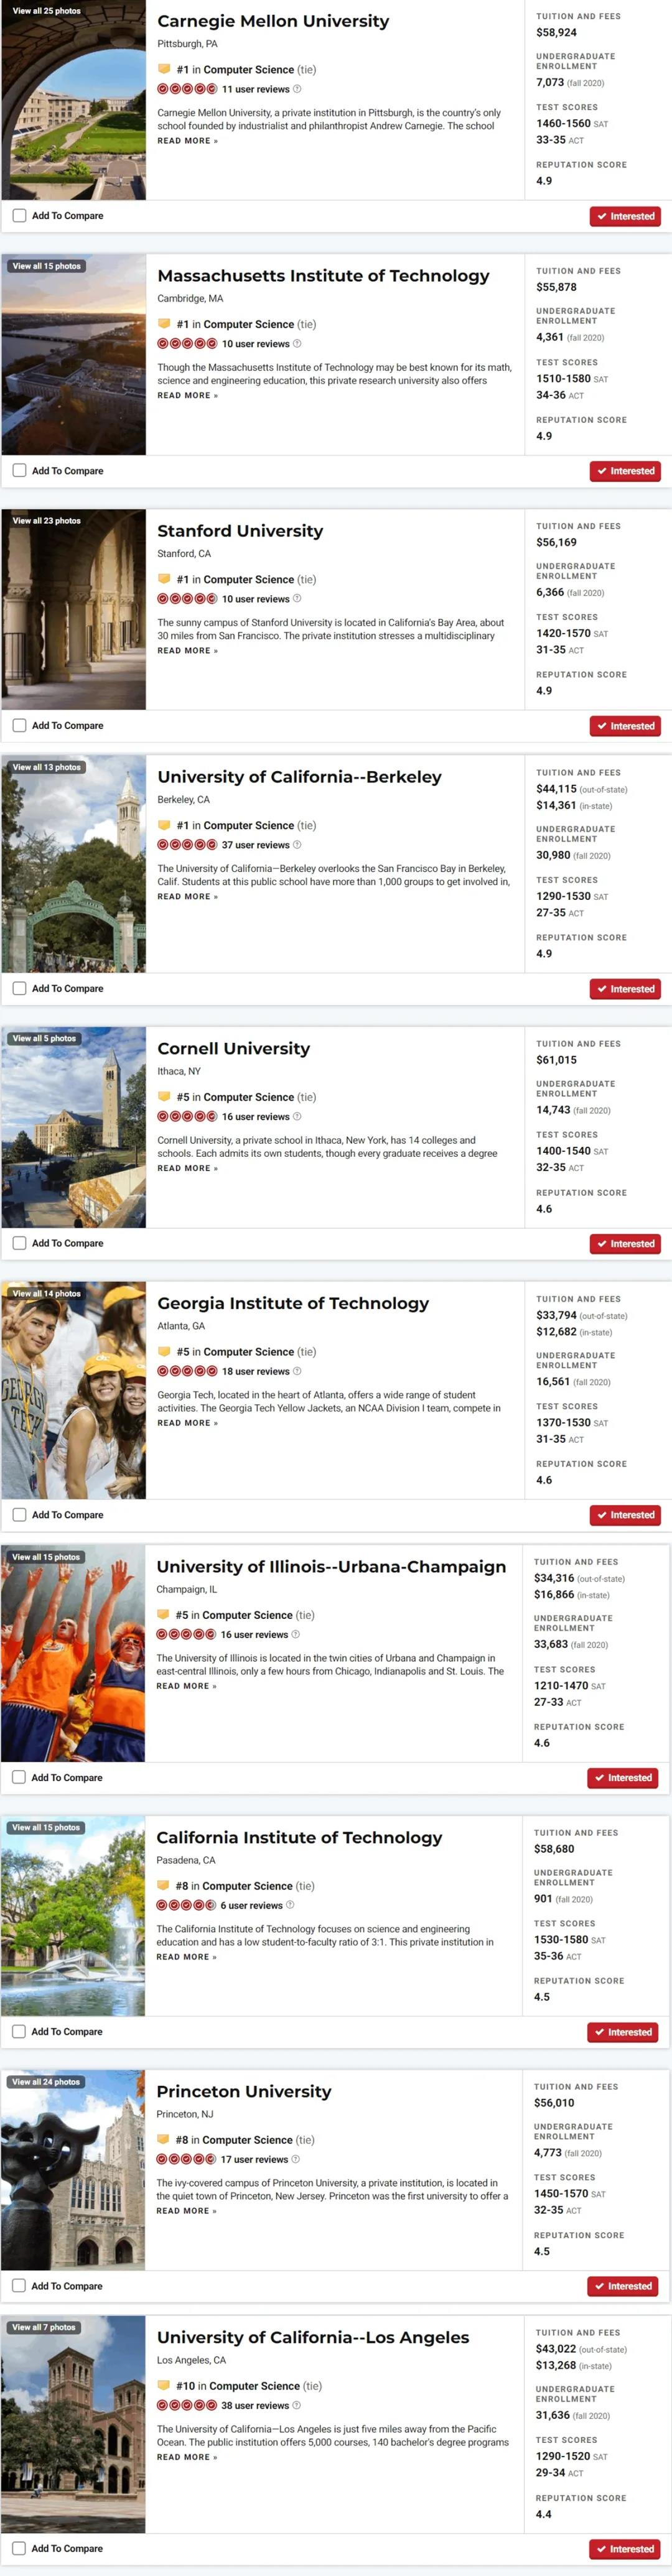 美国计算机科学院校排名